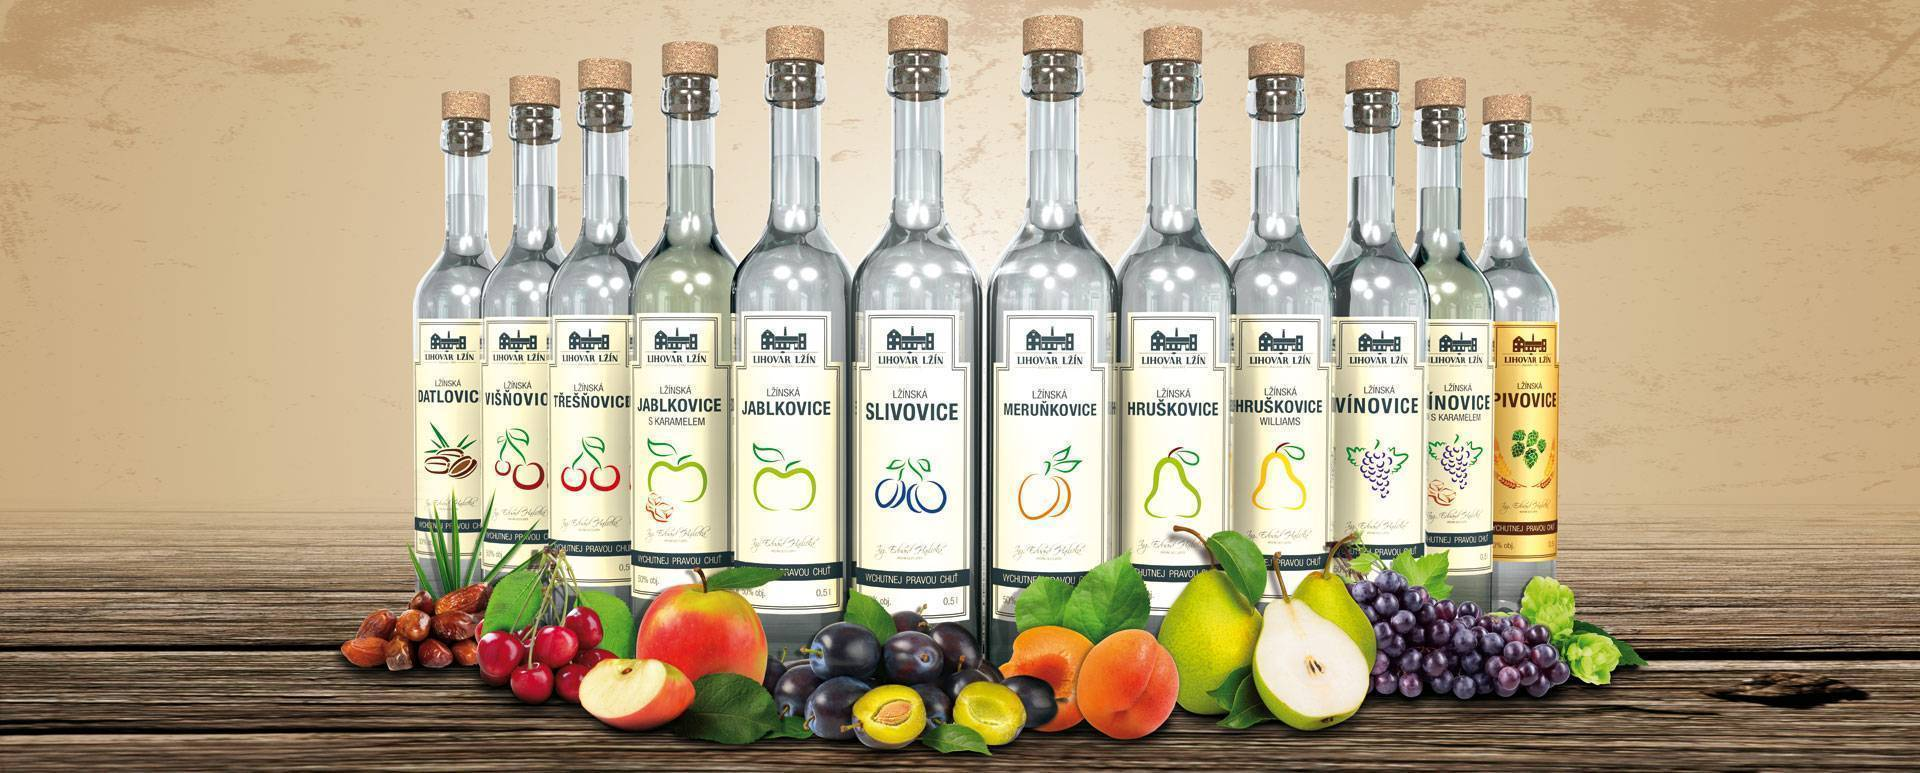 Болгарская и сербская водка ракия — что это такое